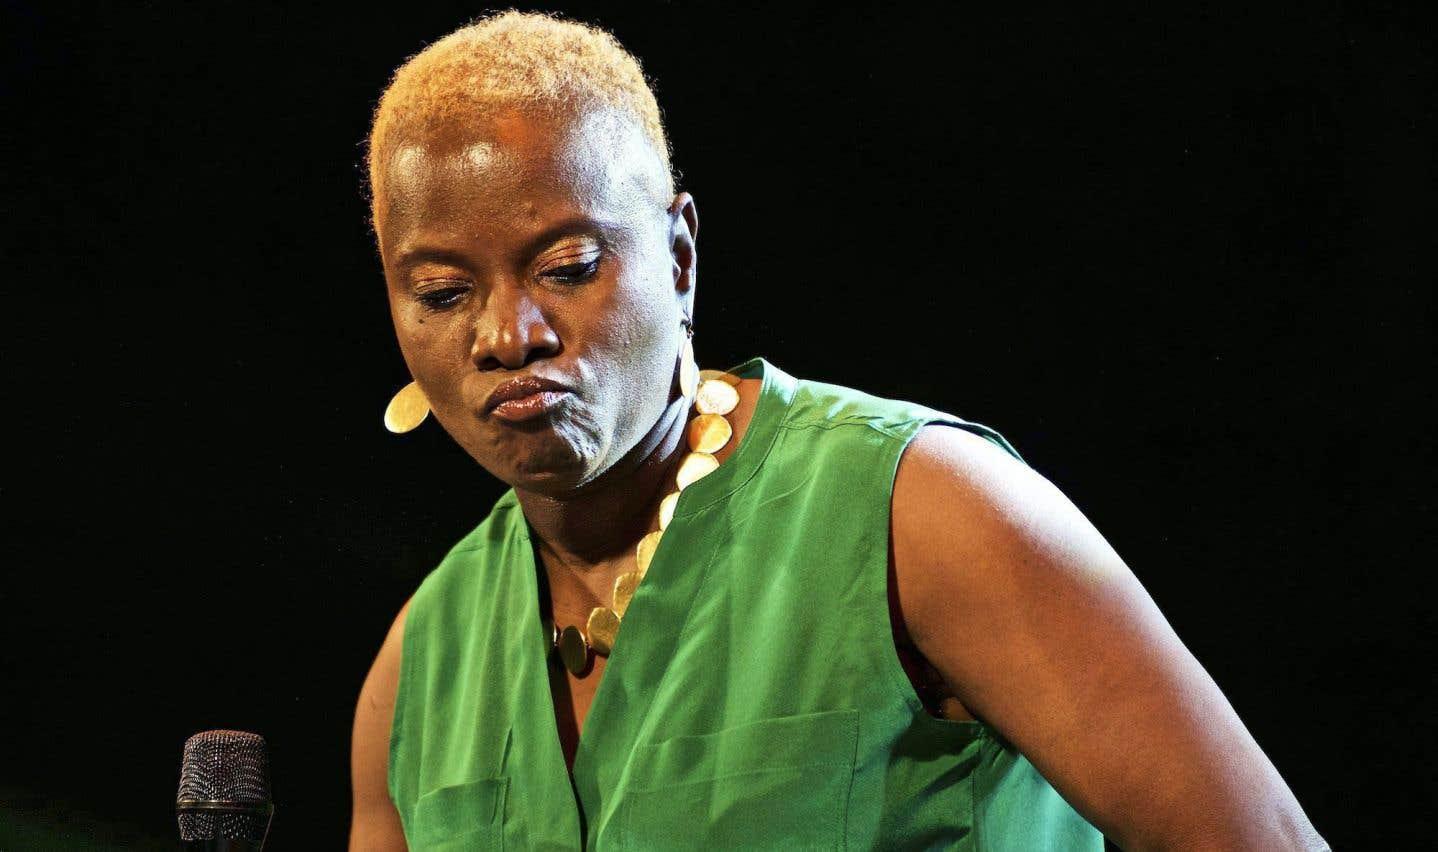 Le tandem Kidjo–Bonifassi chante les femmes, l'esclavage et la résilience